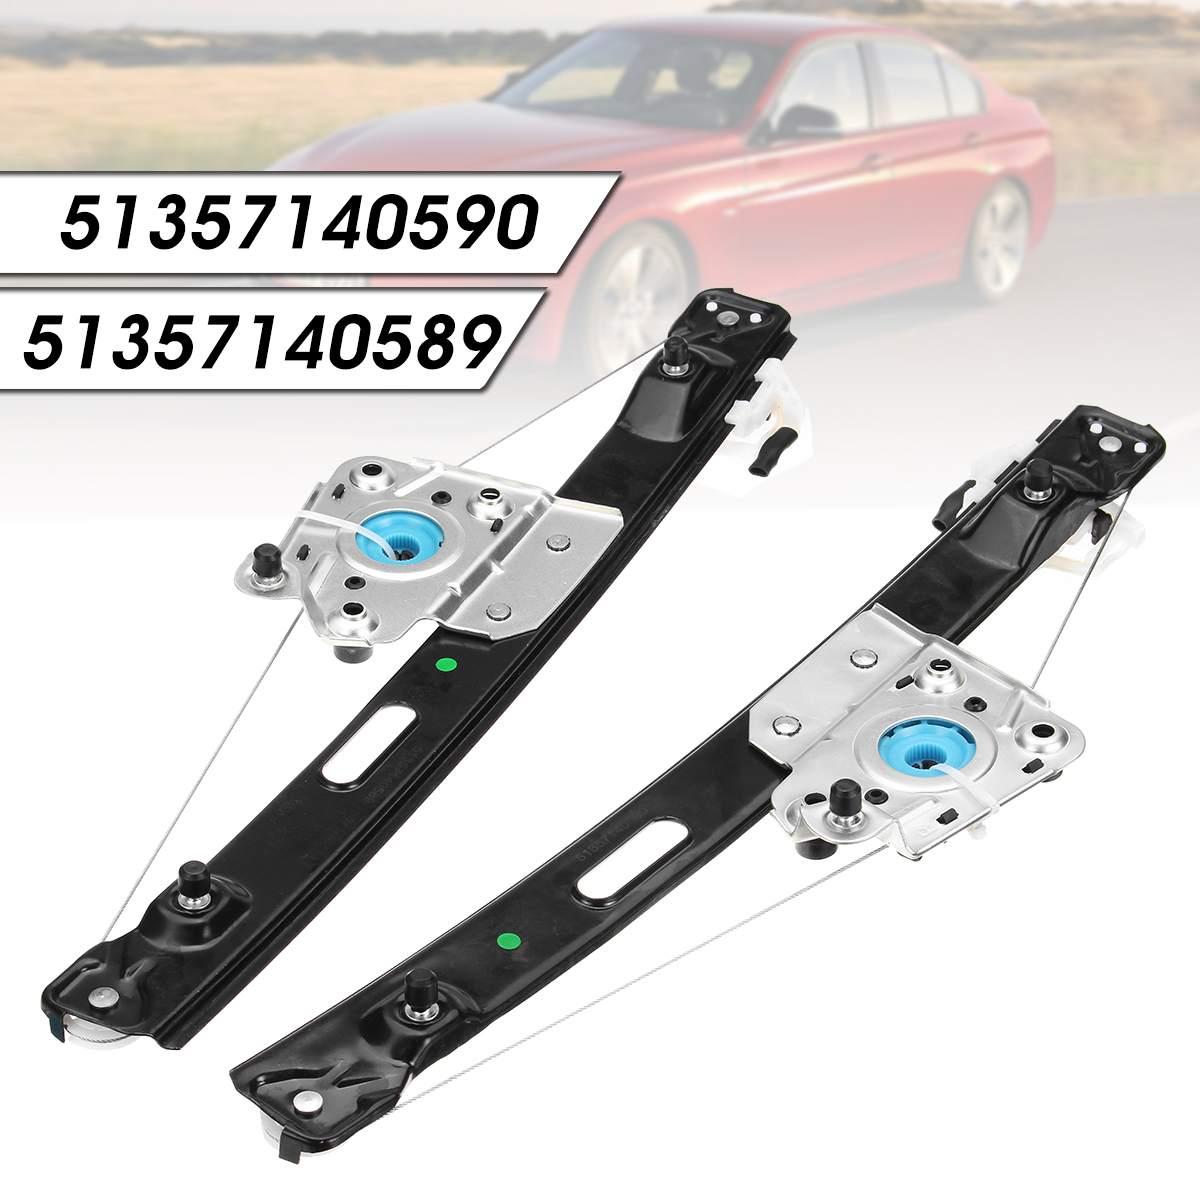 אחורי שמאל/ימין כוח חלון רגולטור עבור BMW 3 סדרת E90 E91 323i 325i 325xi 328i xDrive 330xi סדאן 51357140589